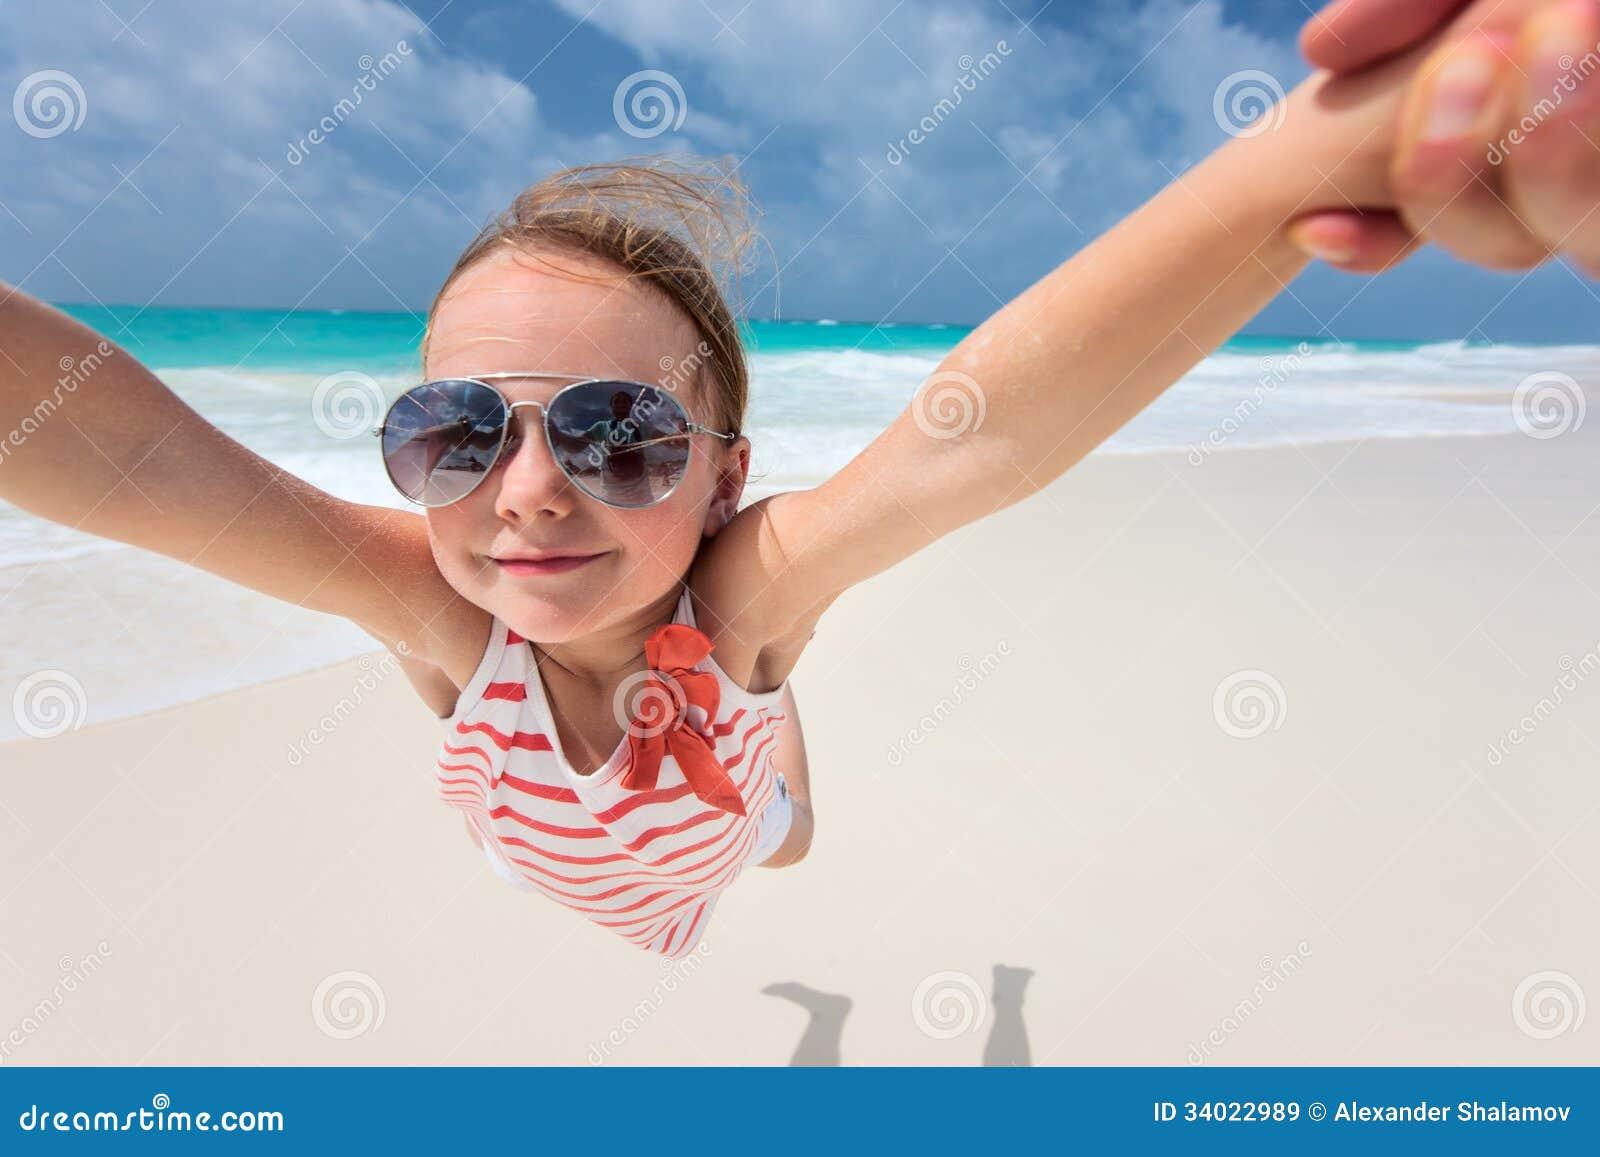 Plażowa zabawa